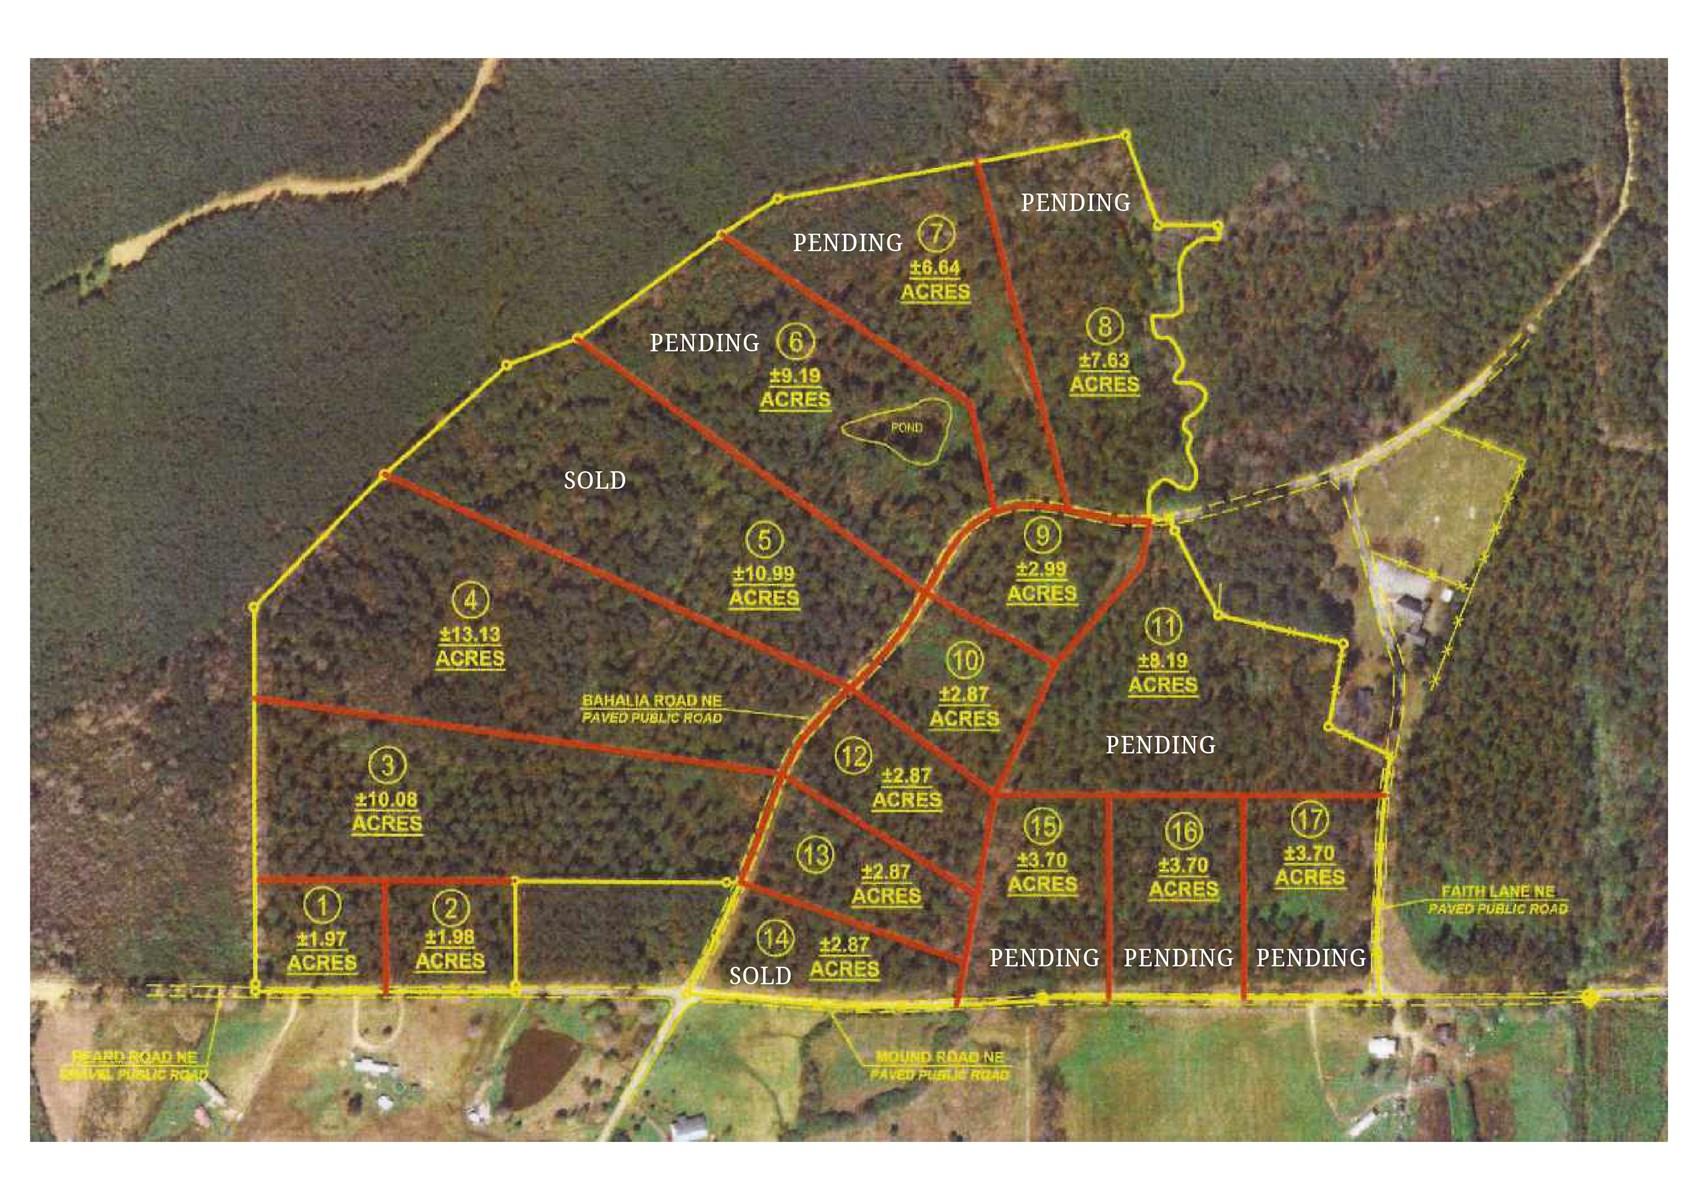 Land for Sale Enterprise School District Brookhaven, MS